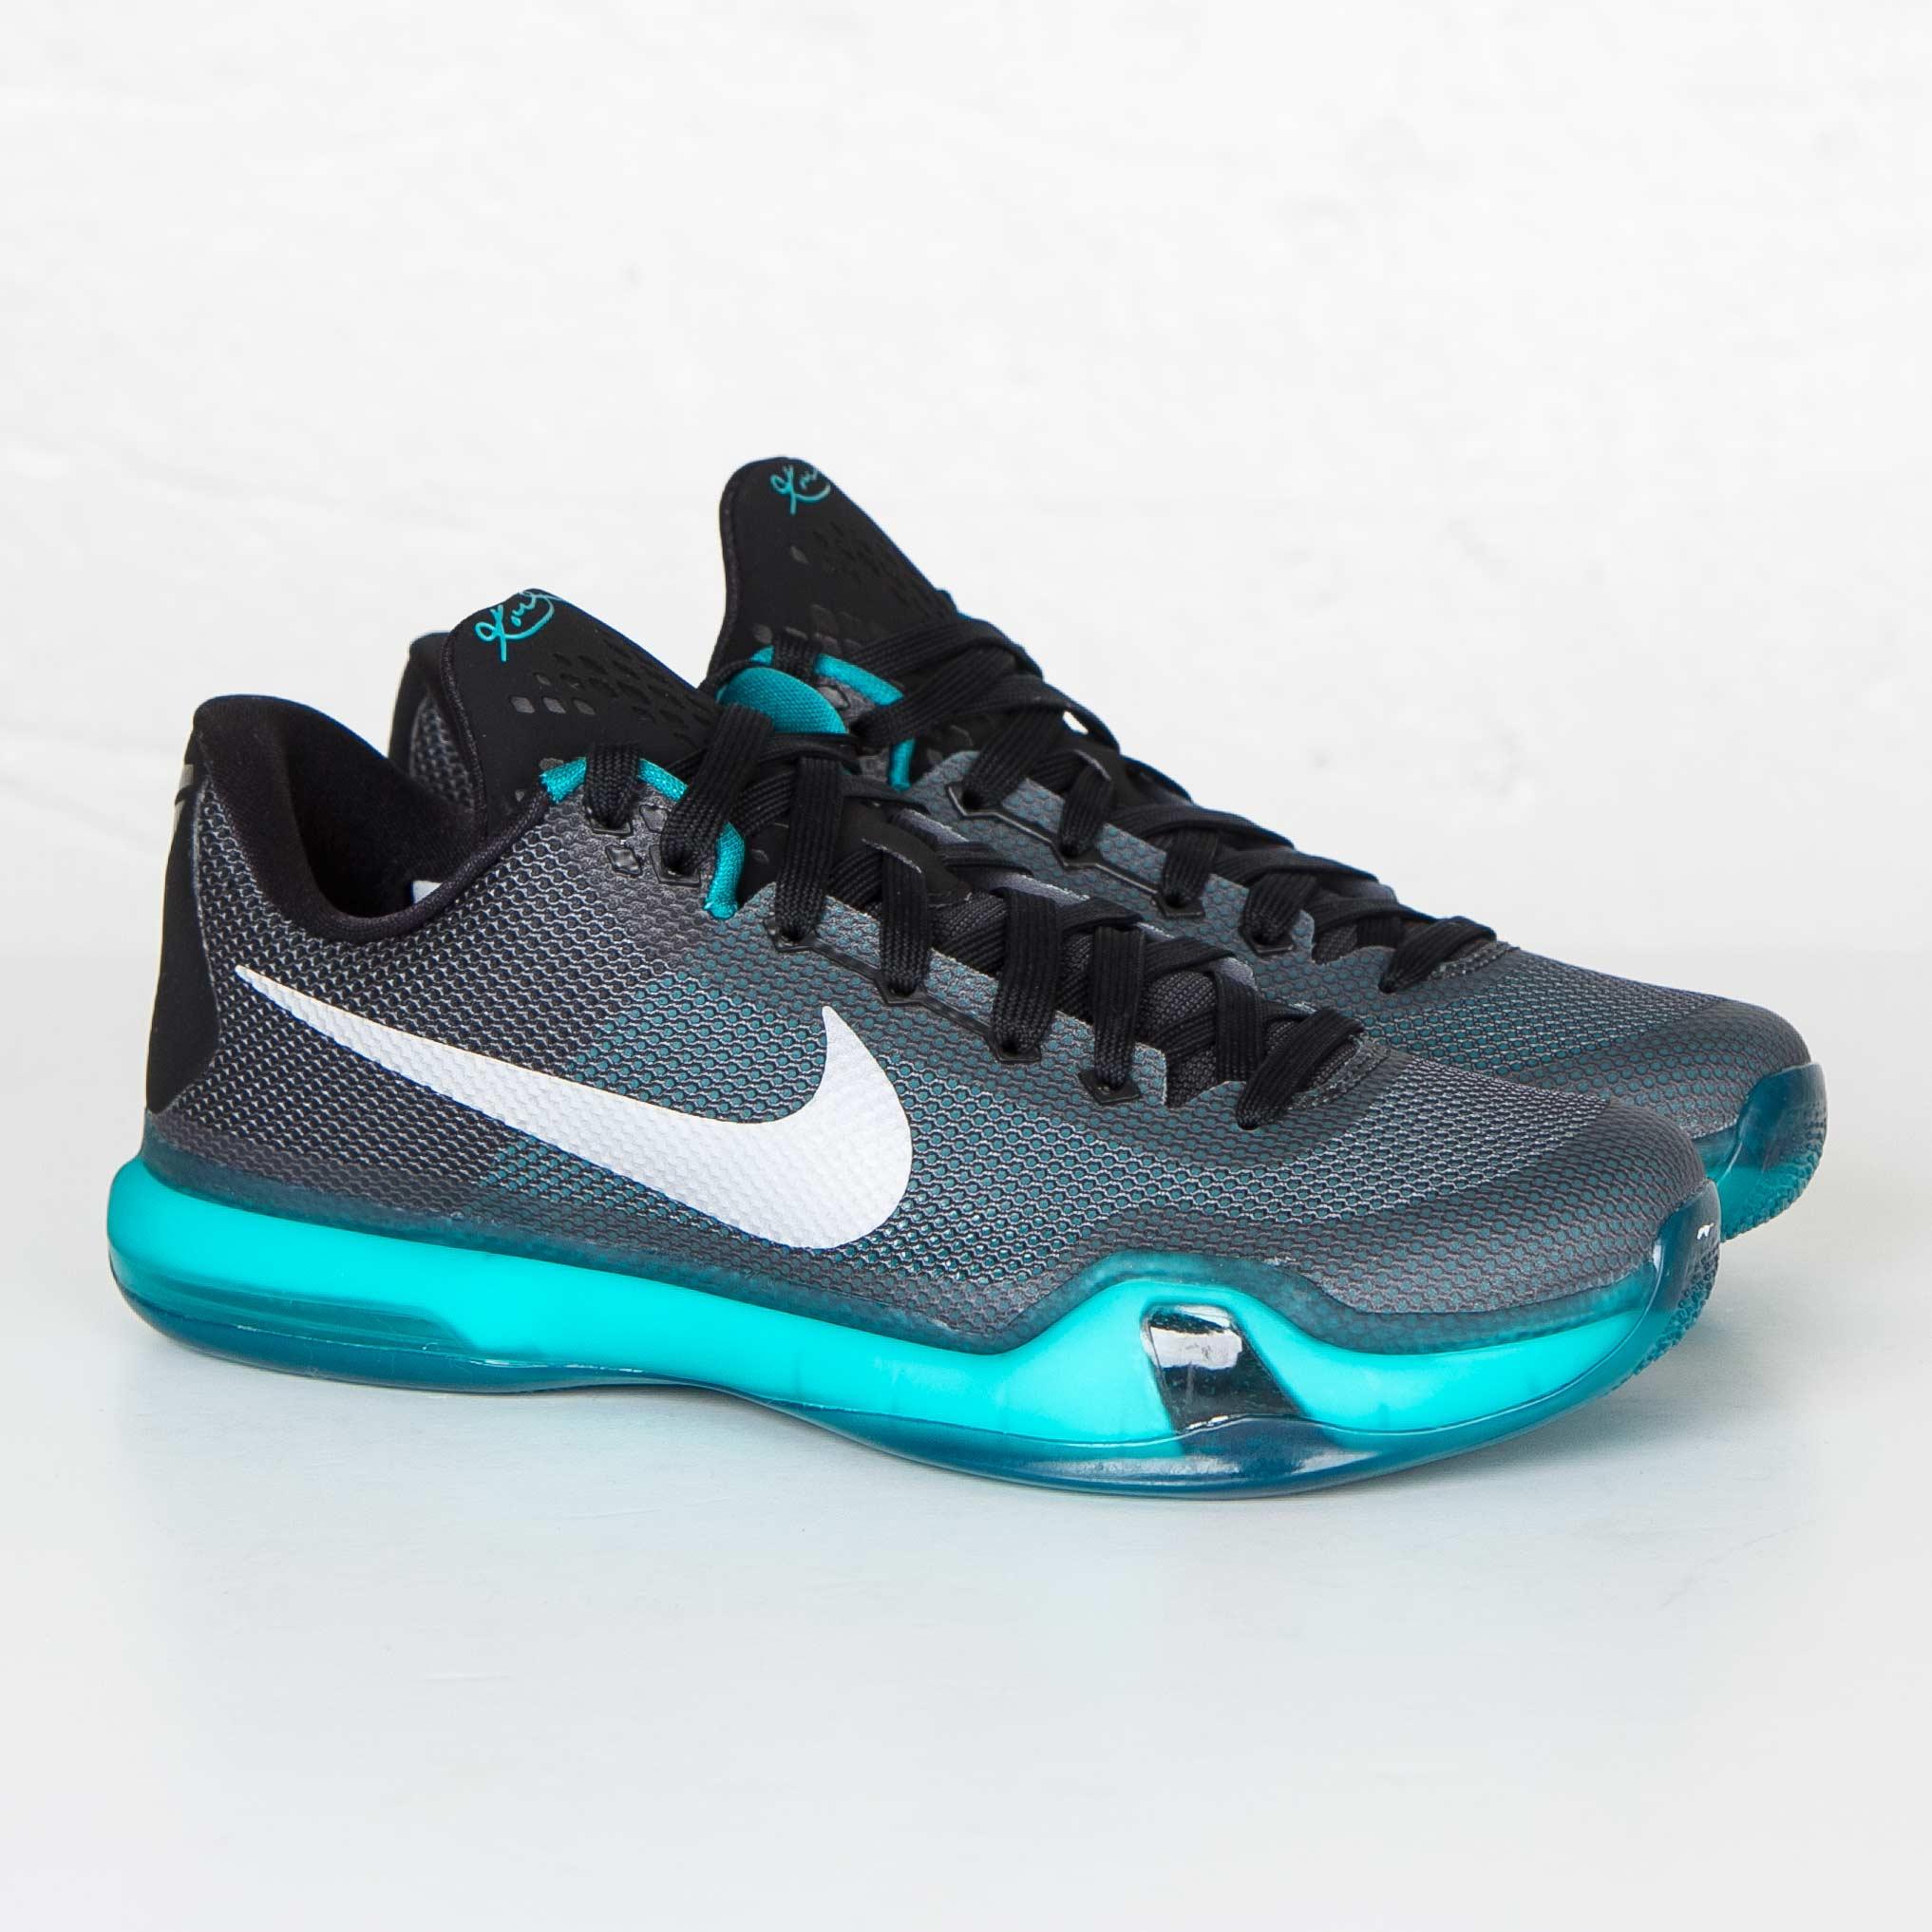 477b8a32f5243 Nike Kobe x Liberty - 705317-002 - Sneakersnstuff